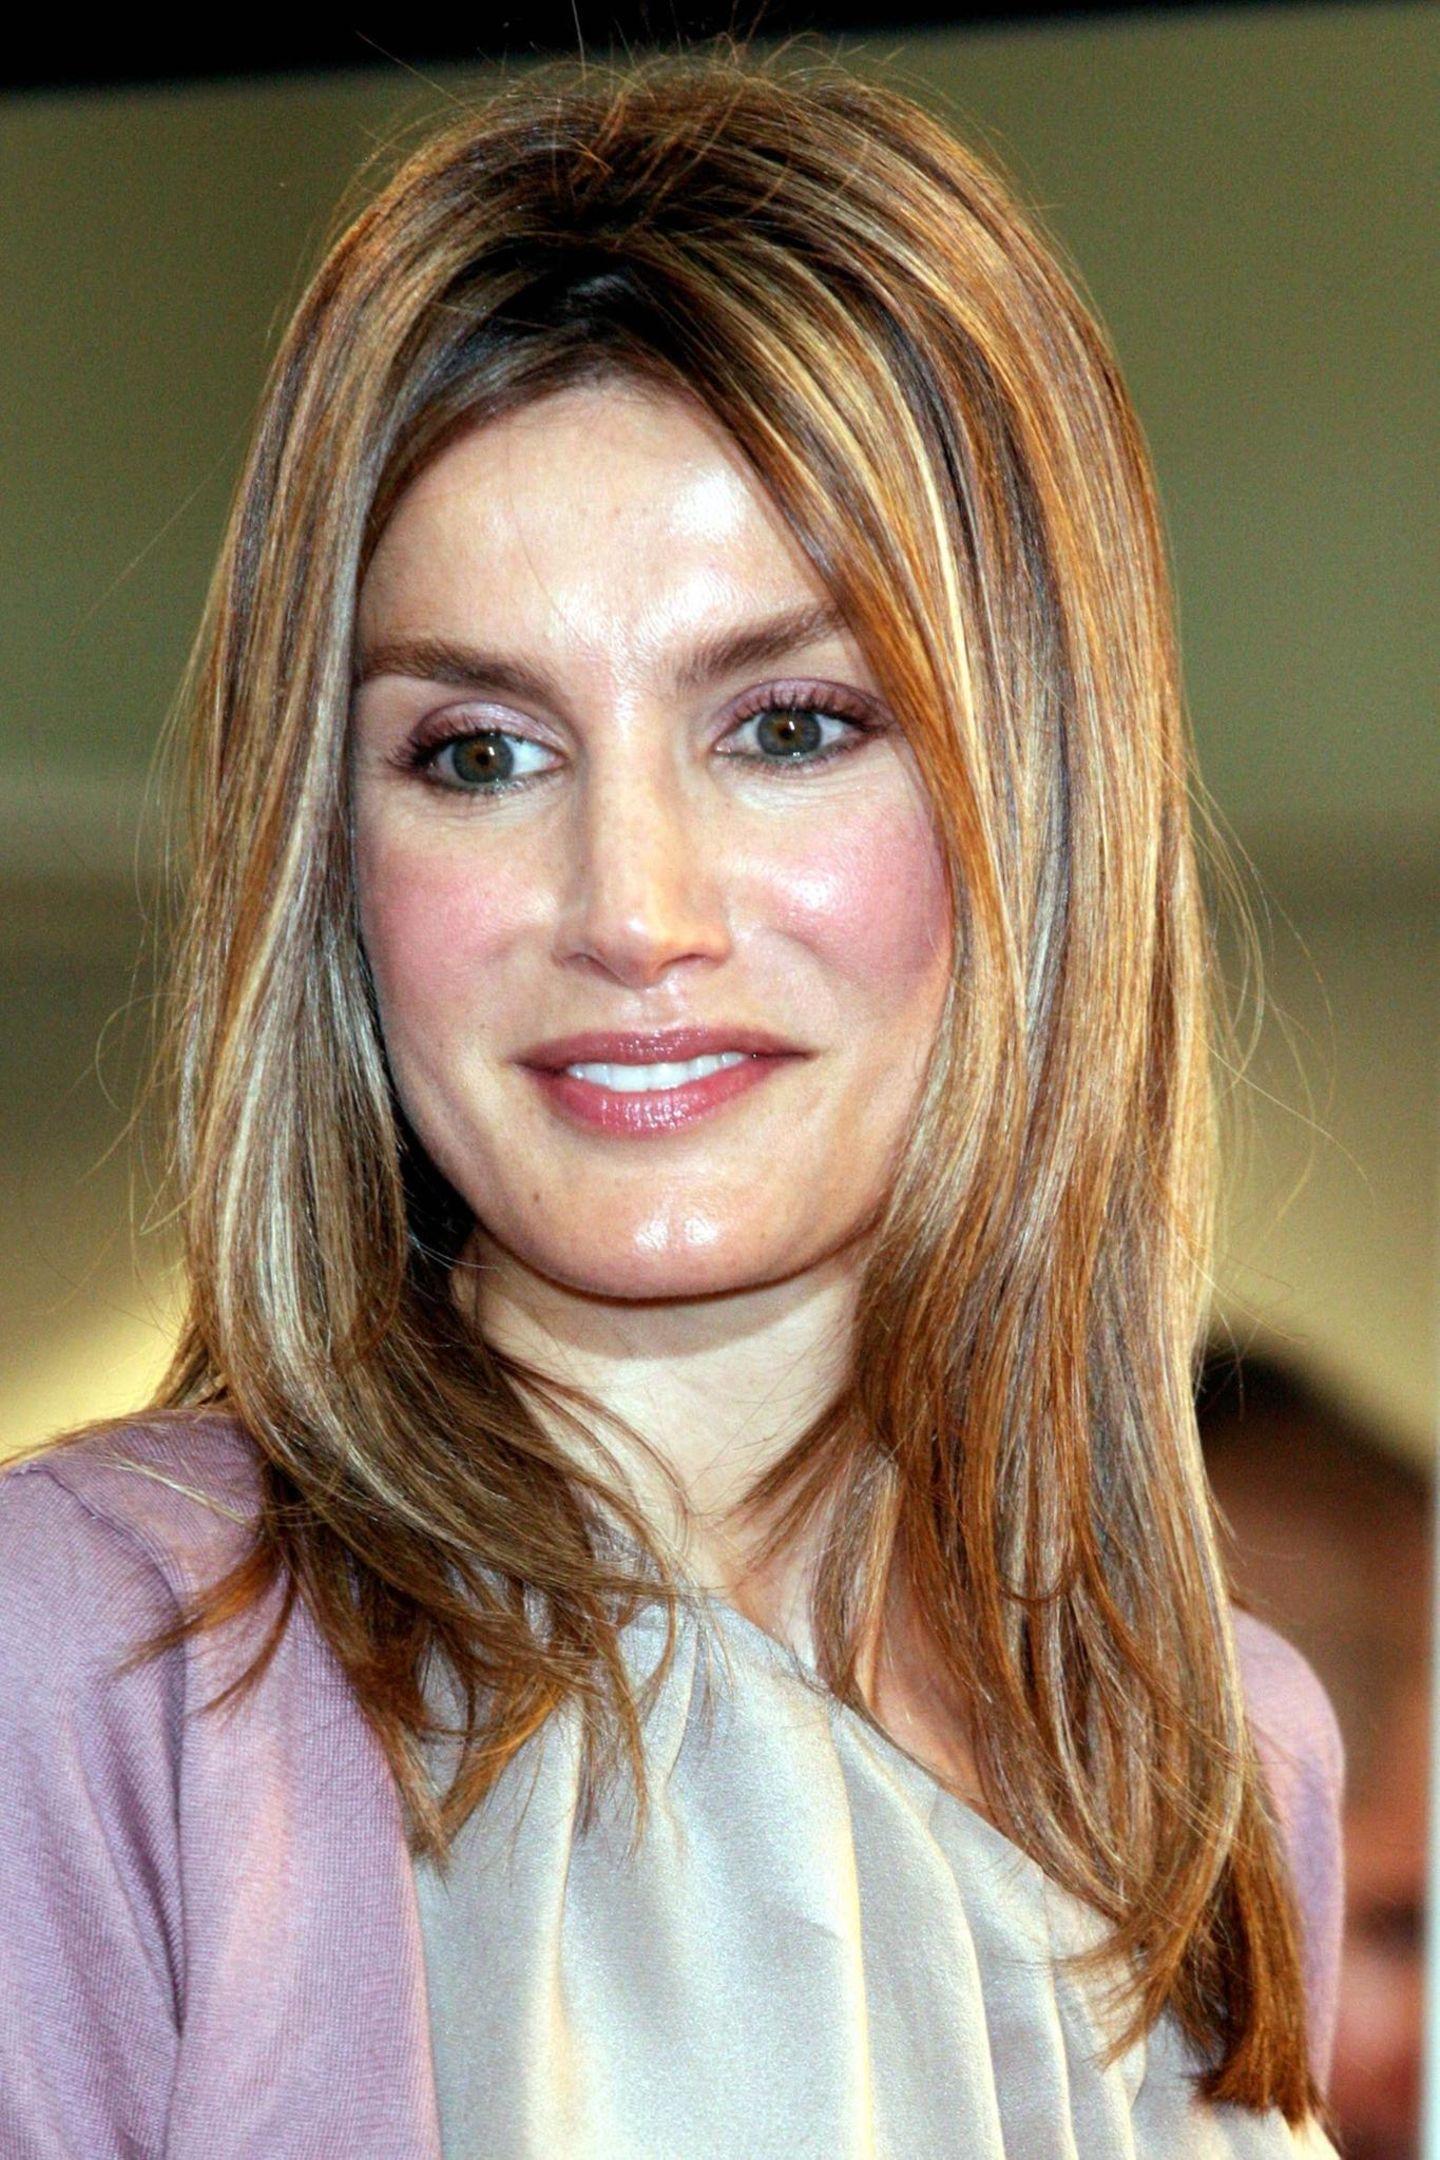 September 2010  Mit einem auffälligen Glow im Gesicht erscheint Letizia auf der Fashionweek in Madrid. Ihr brünettes Haar ist von blonden Highlights durchzogen.